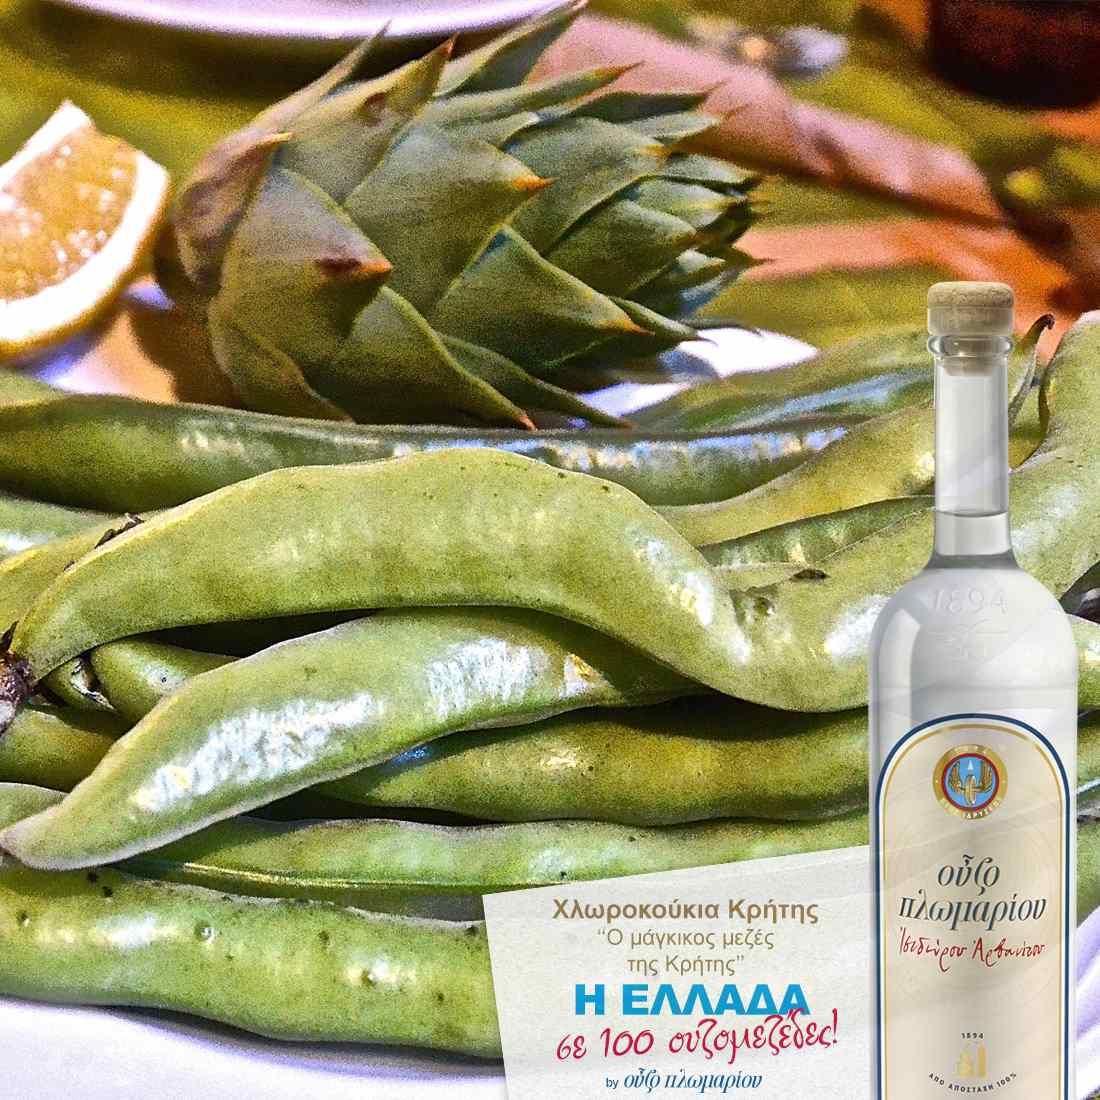 Χλωροκούκια Κρήτης και αγγιναρόφυλλα ωμά - Ουζομεζέδες - Greek Gastronomy Guide